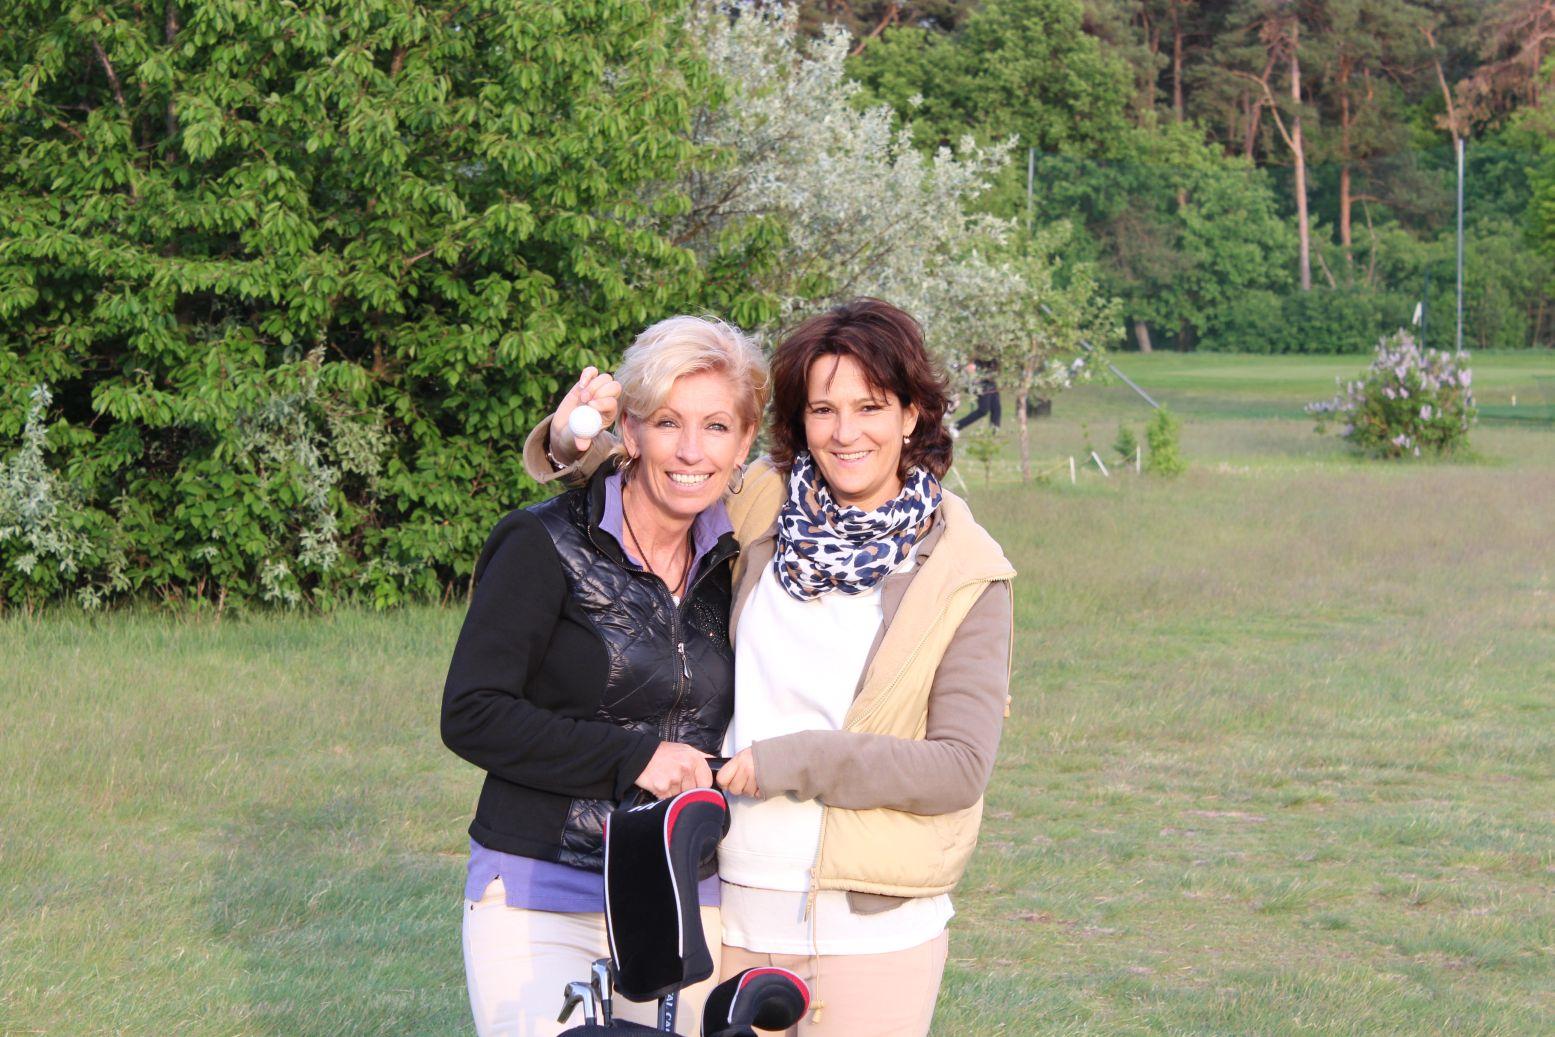 golfplatz mahlow clique 5